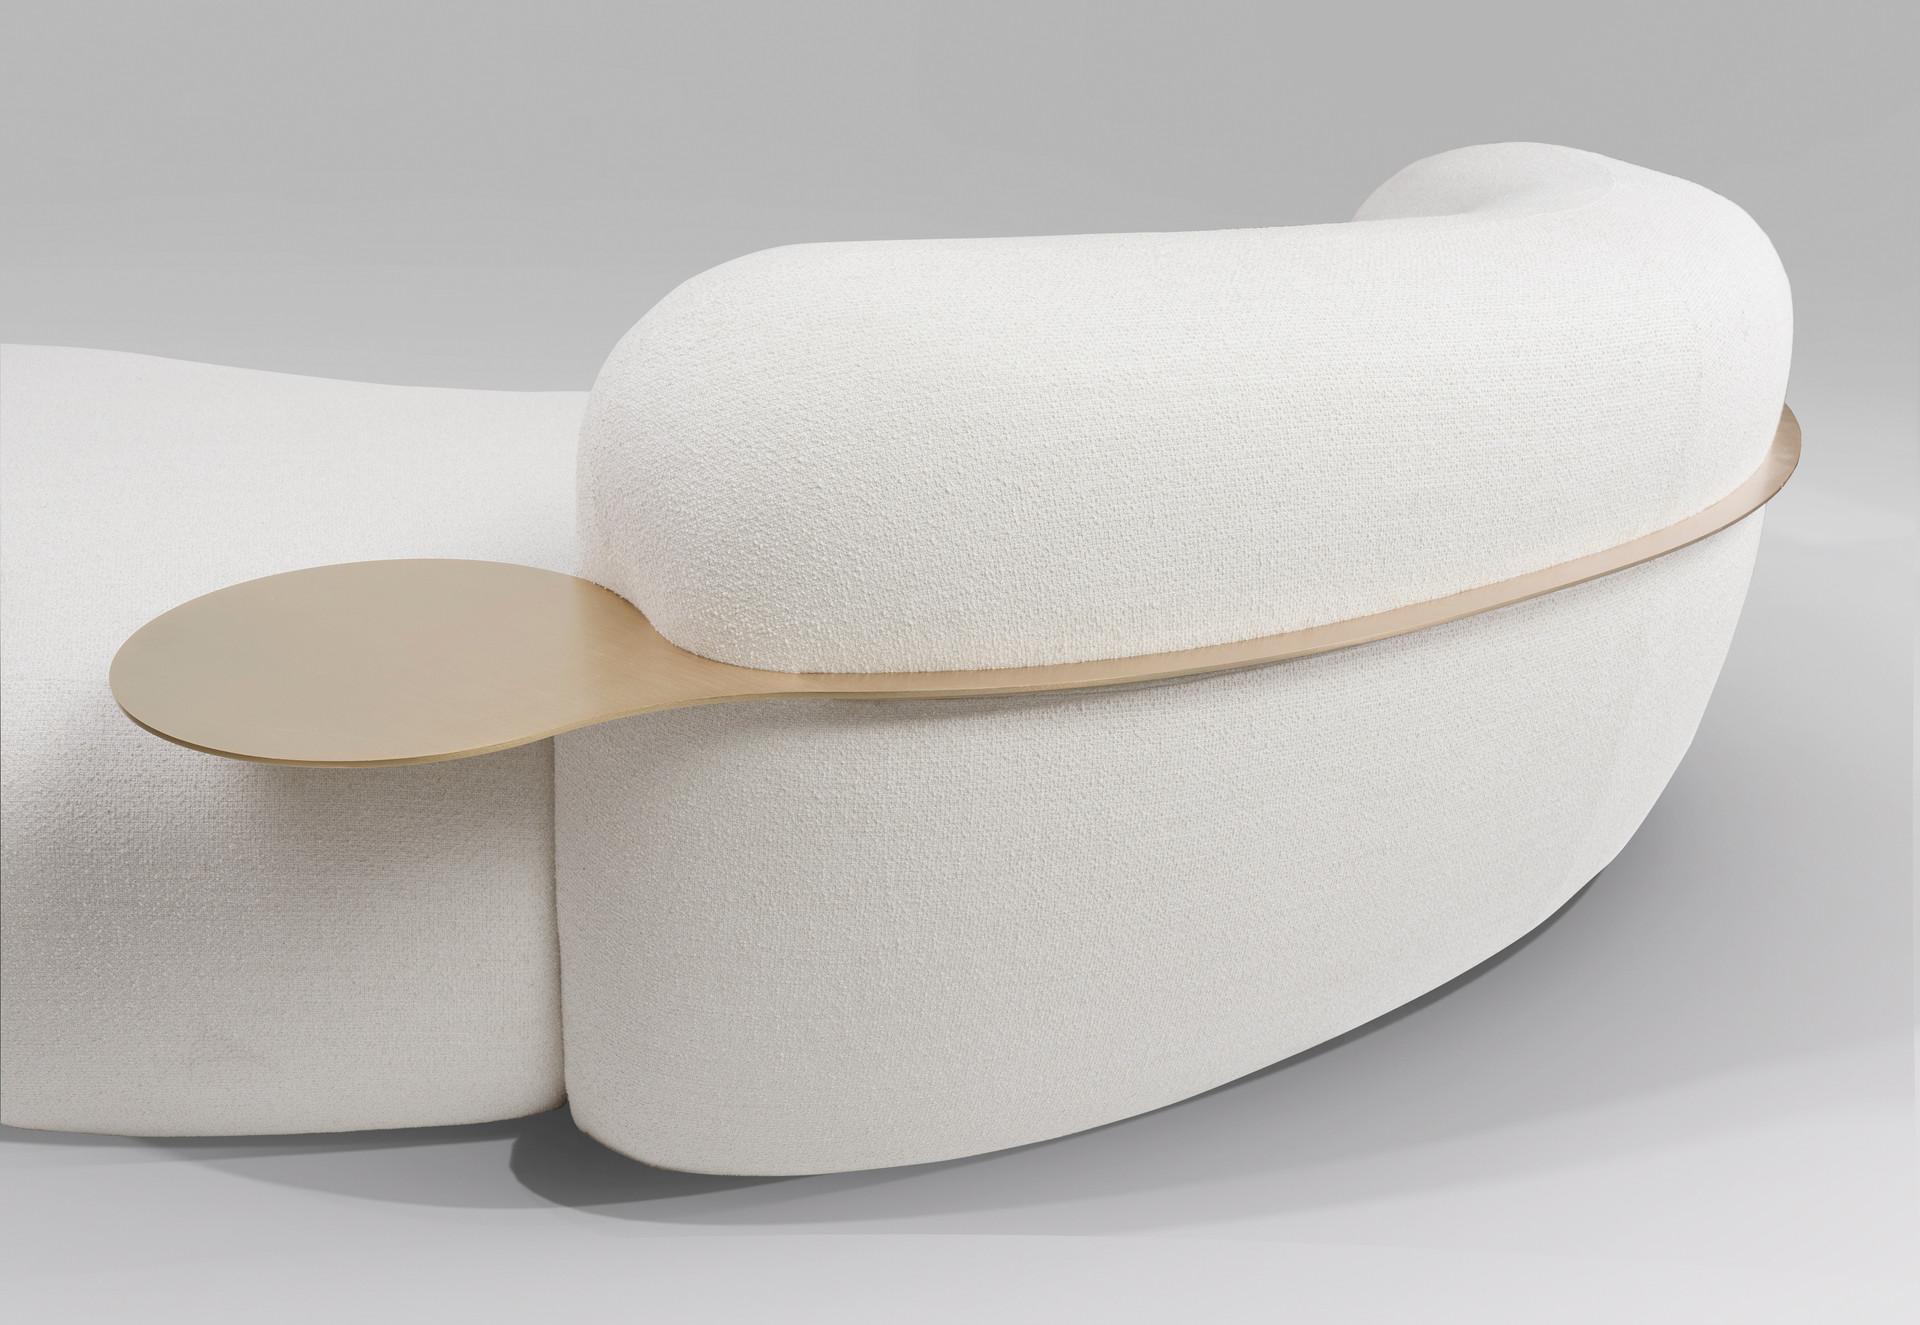 10_Tateyama sofa 04.jpg